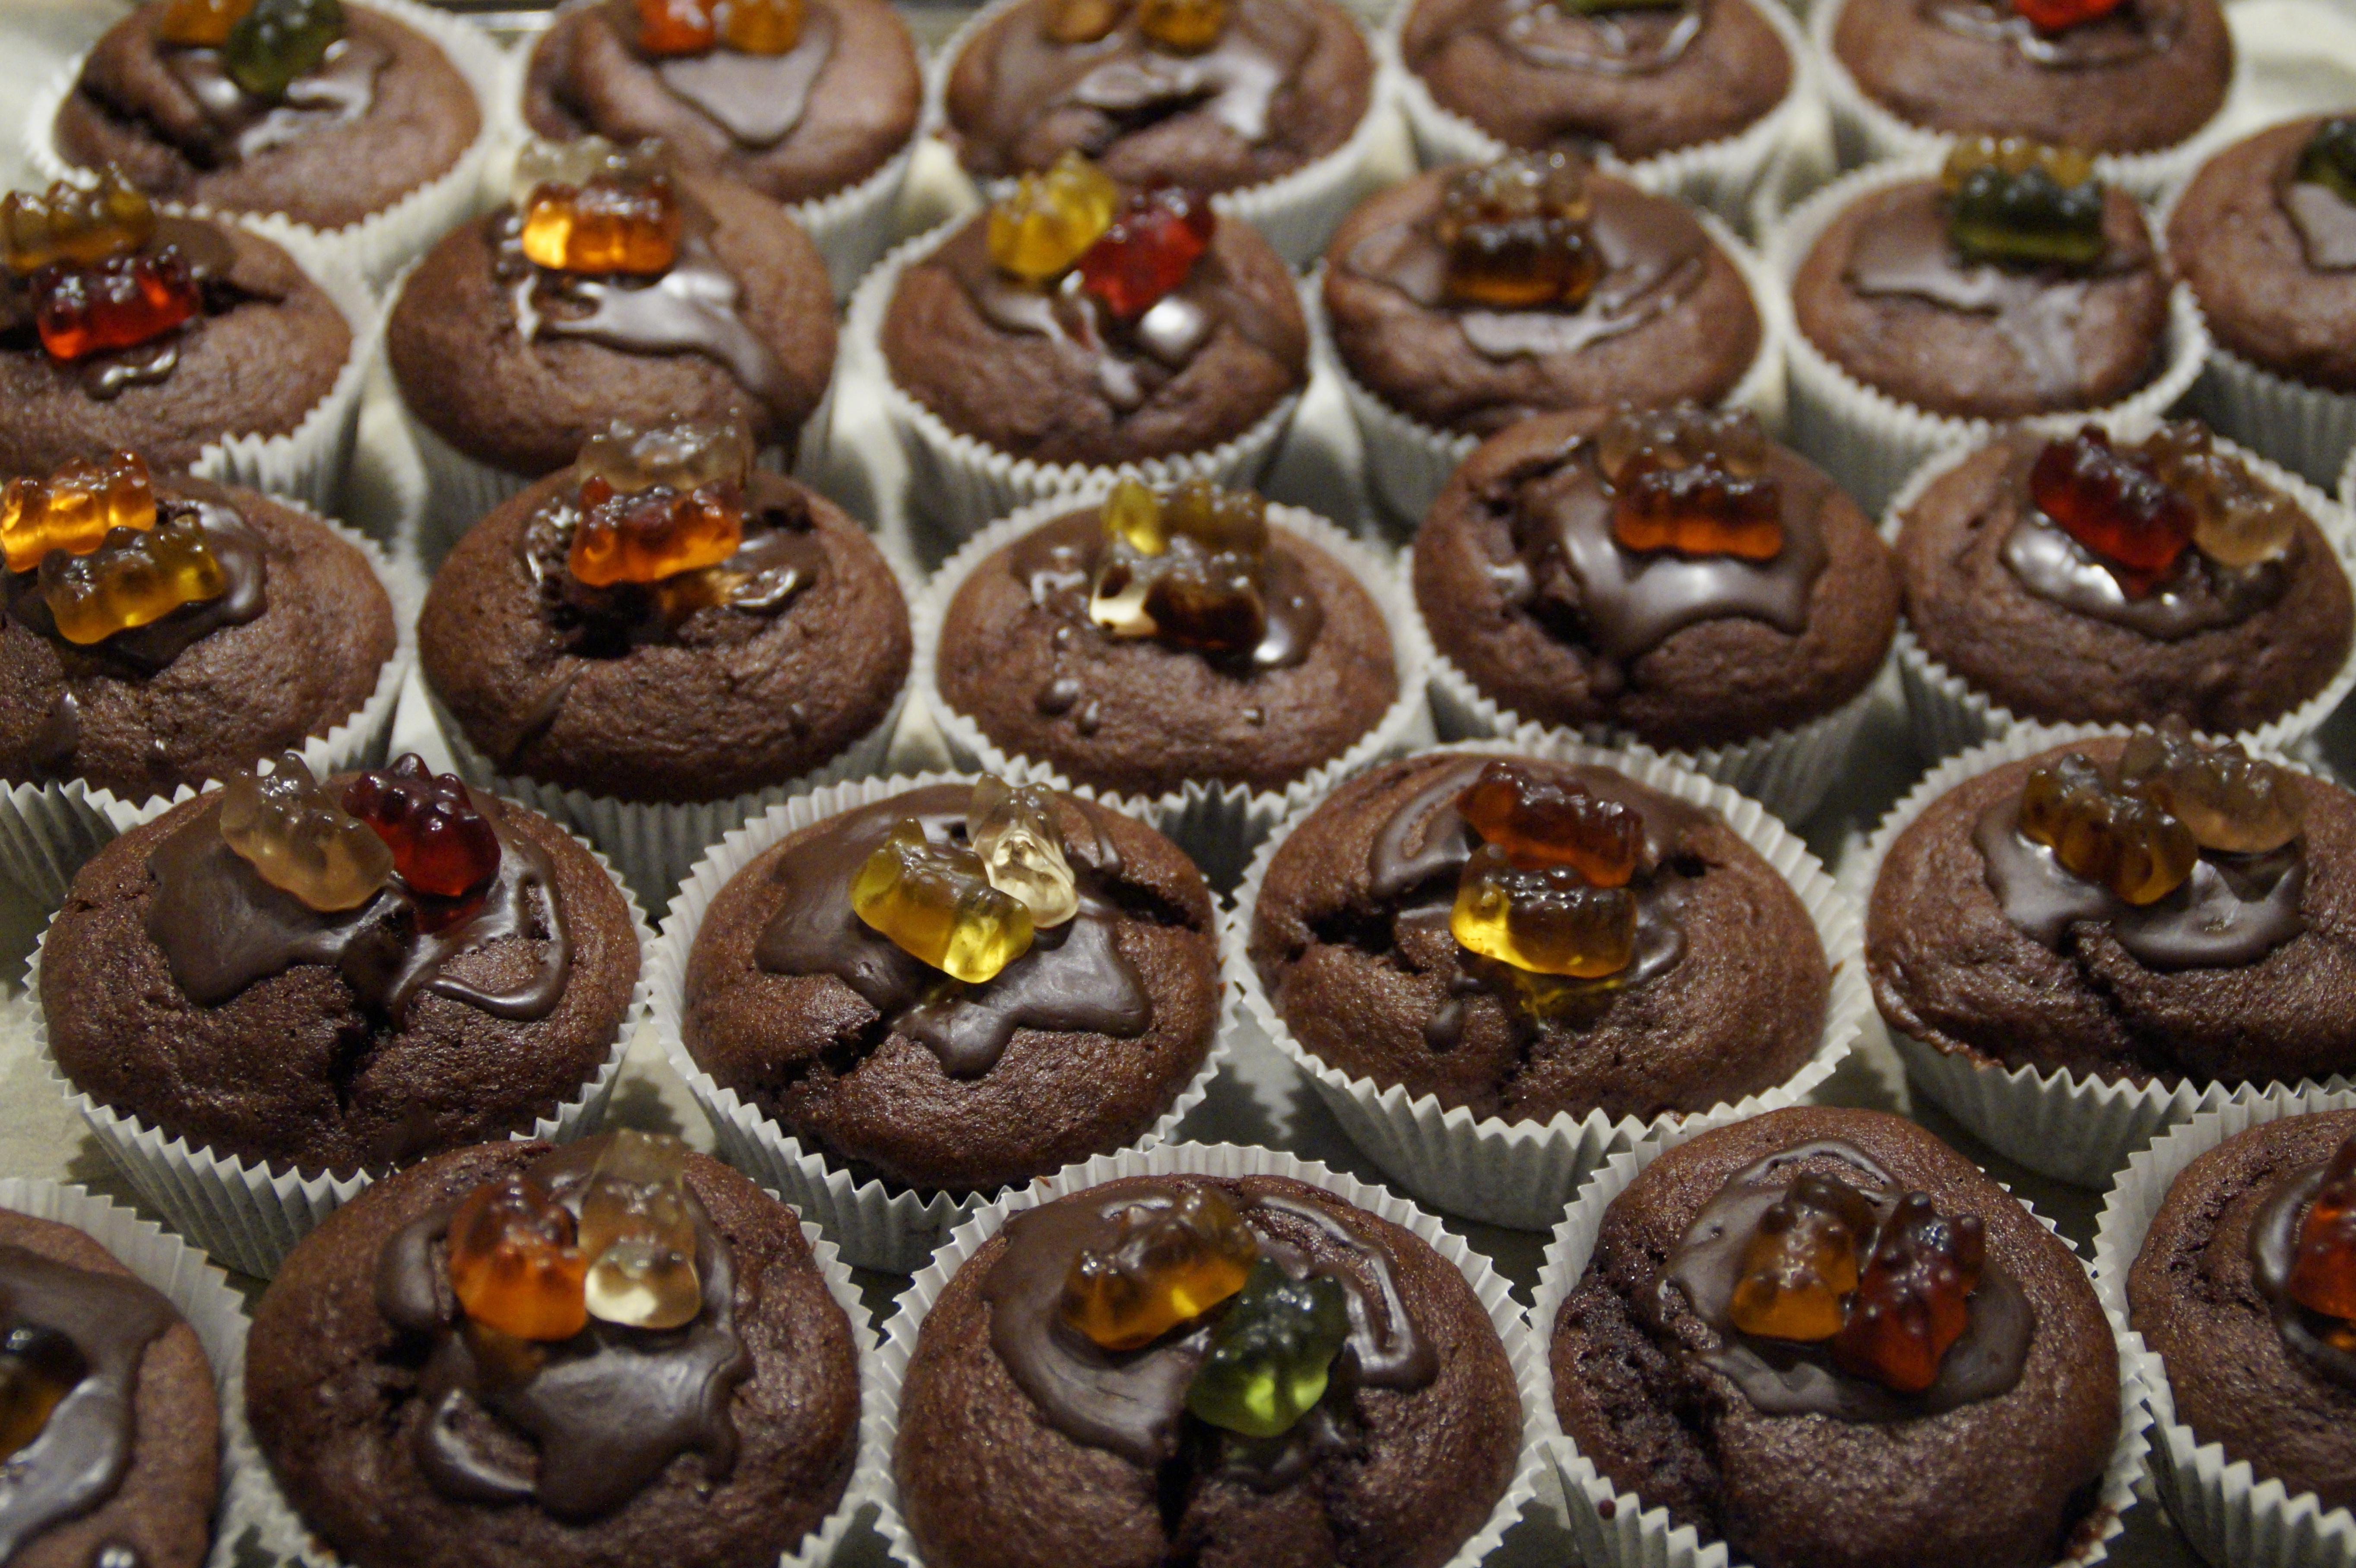 Free Images Sweet Food Produce Brown Cupcake Baking Dessert